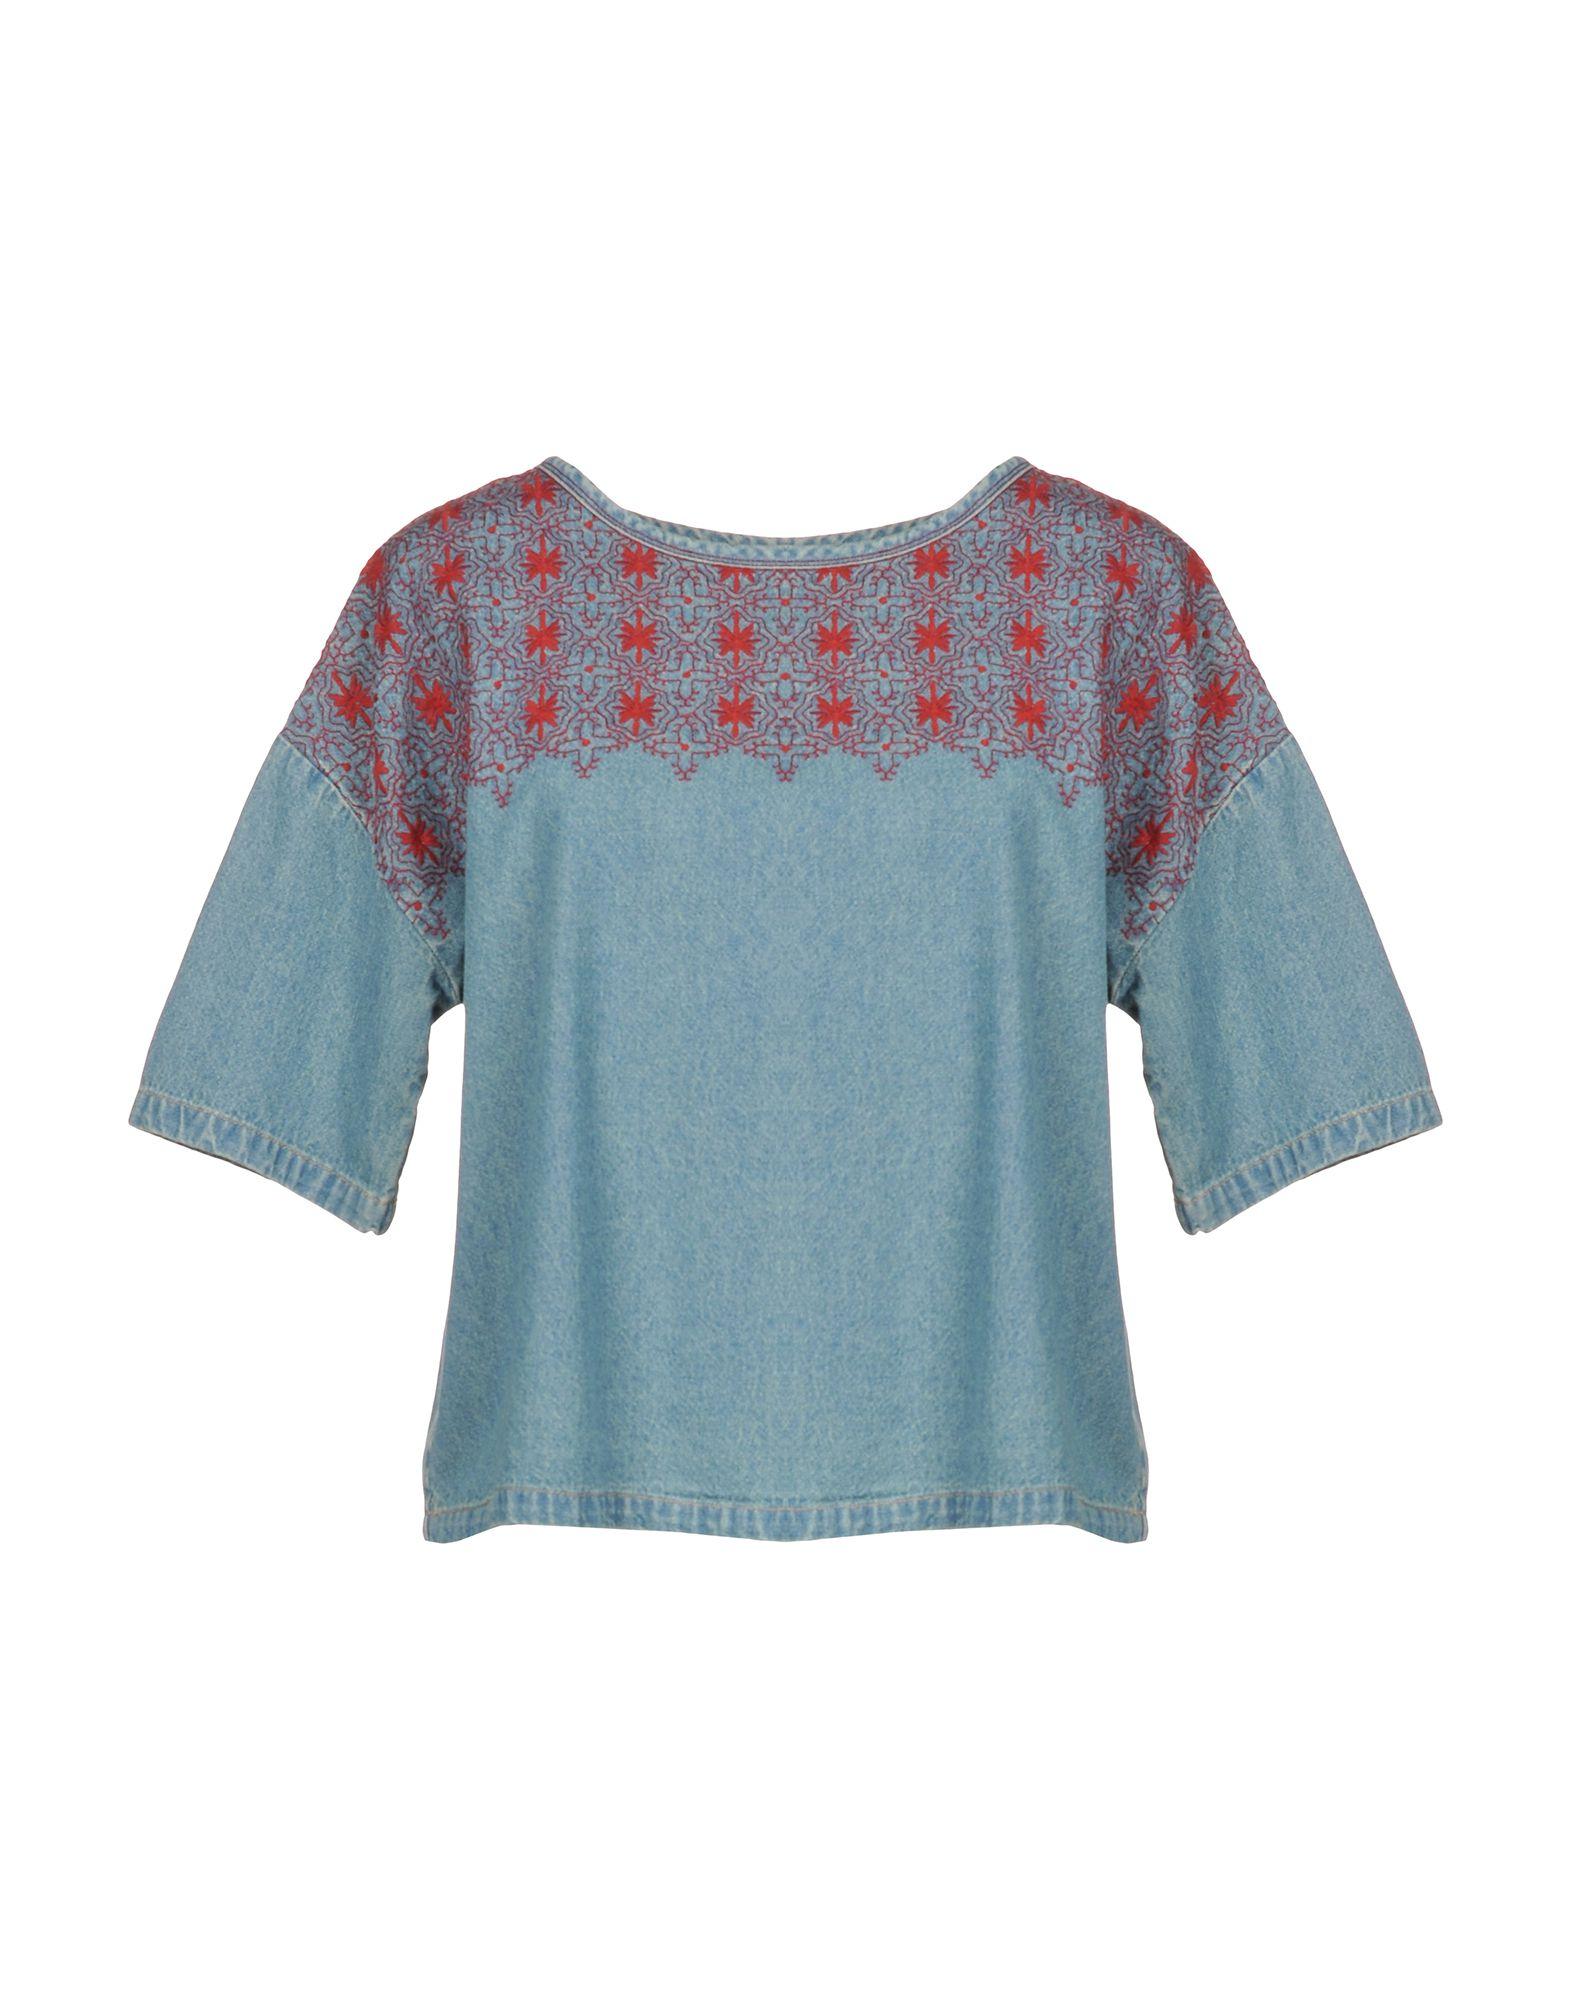 CURRENT/ELLIOTT Джинсовая рубашка current elliott ������������������ ����������